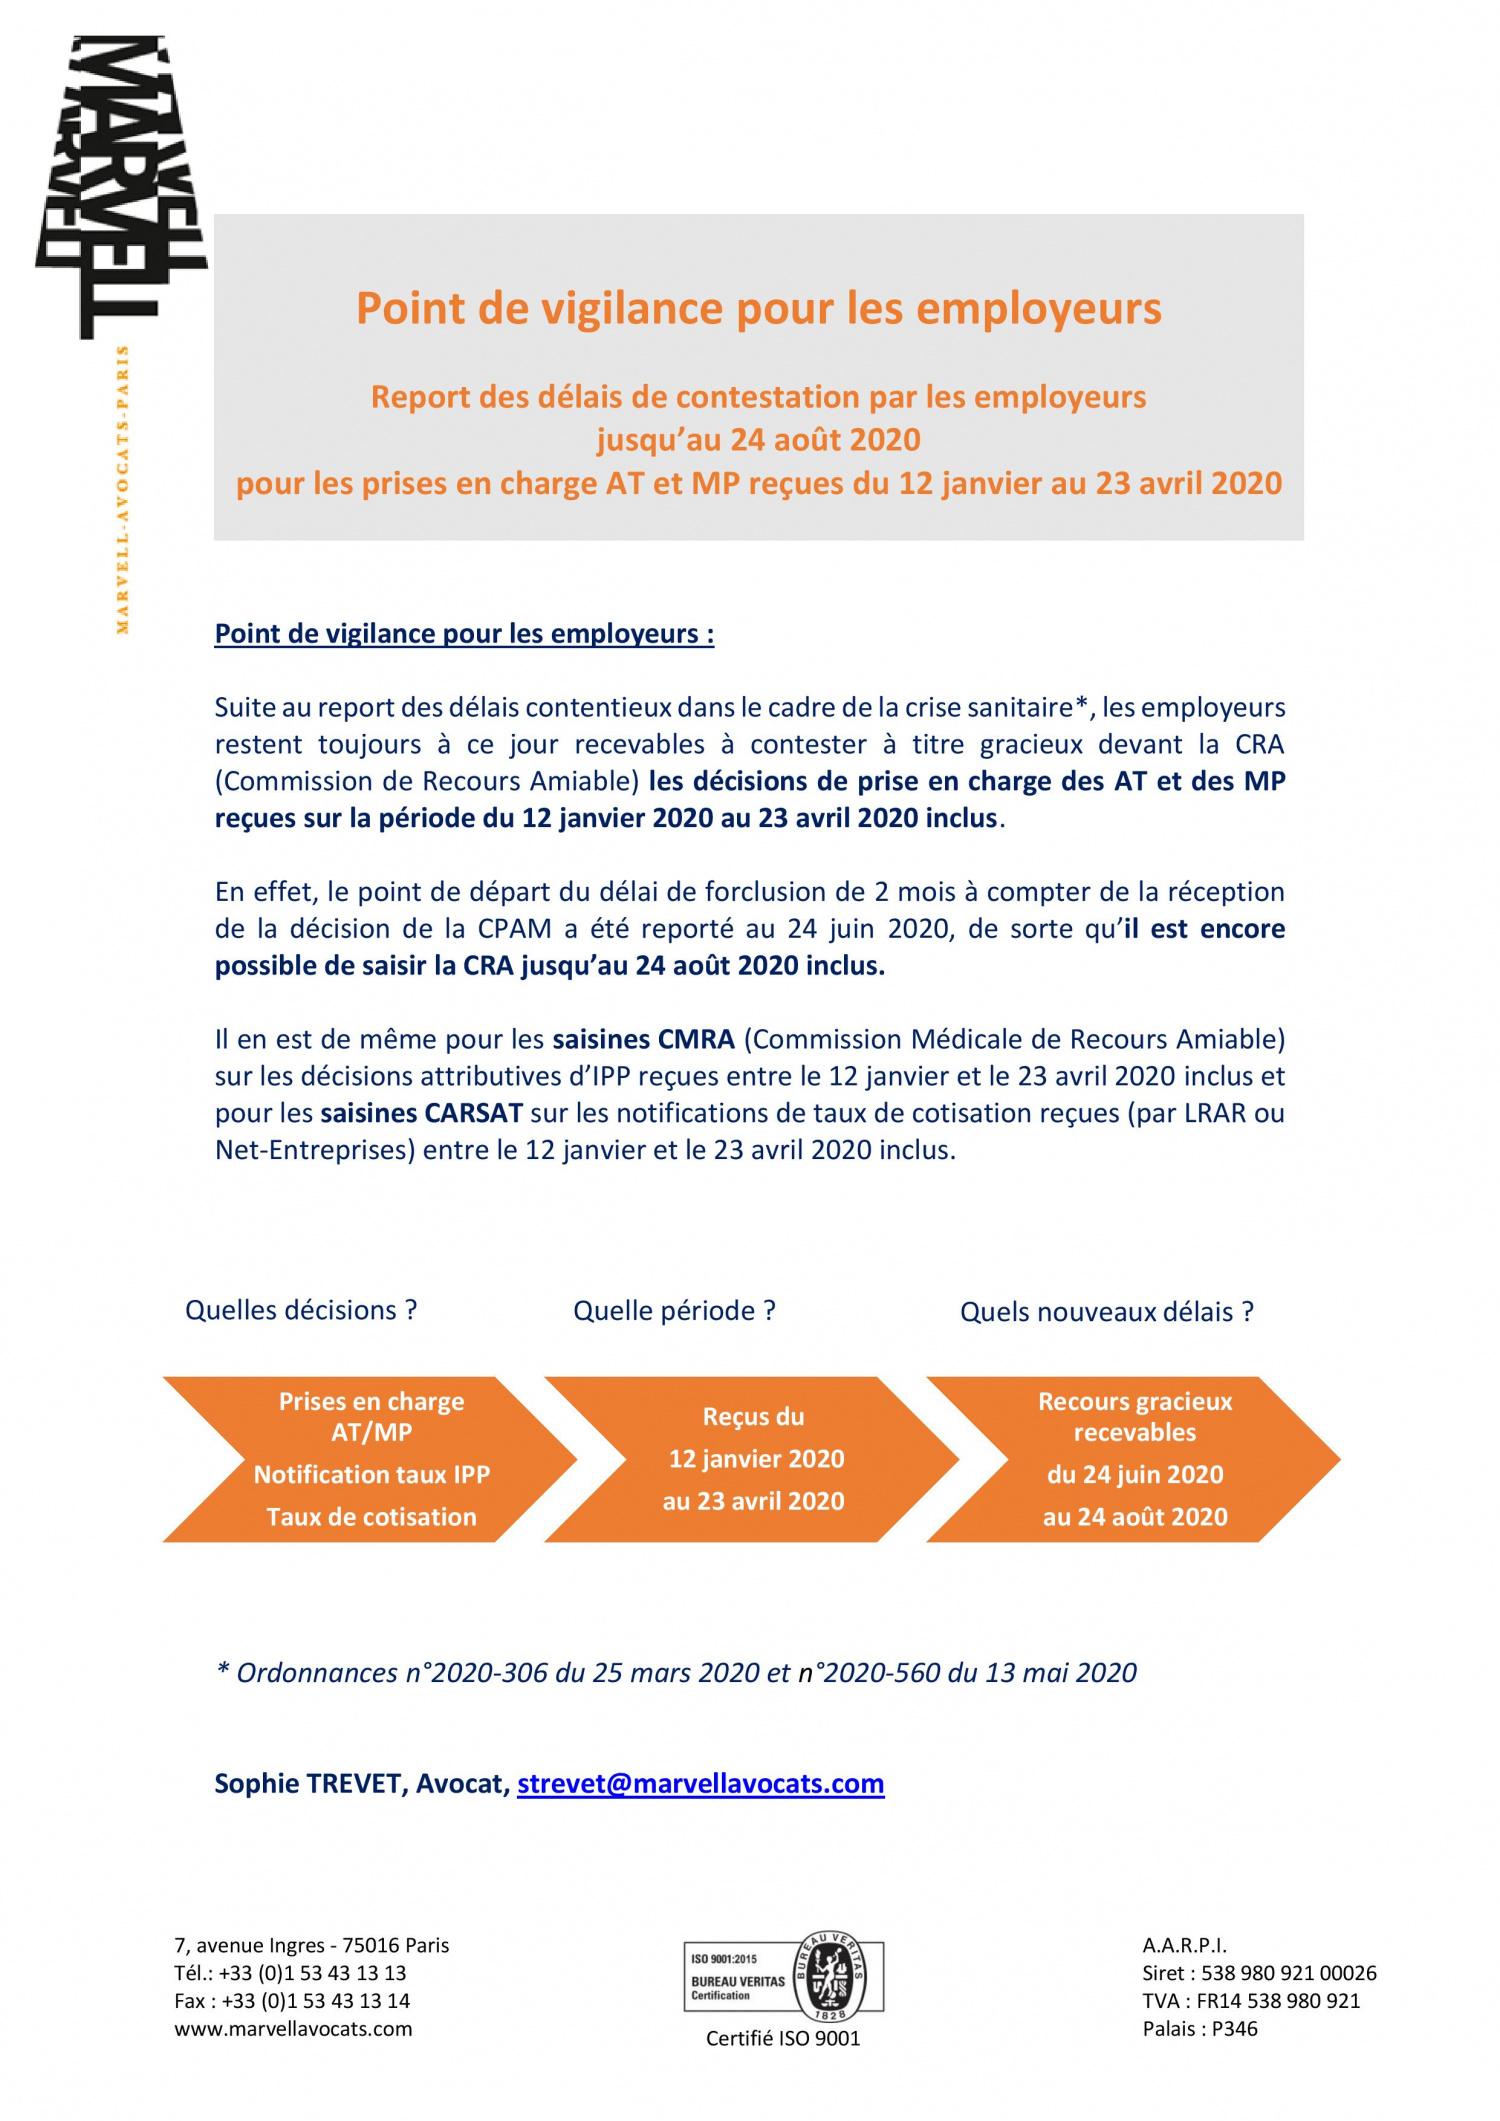 Point de vigilance pour les employeurs : Les contestations sont encore recevables jusqu'au 24 août 2020 pour les prises en charge des AT et MP reçues du 12 janvier au 23 avril 2020